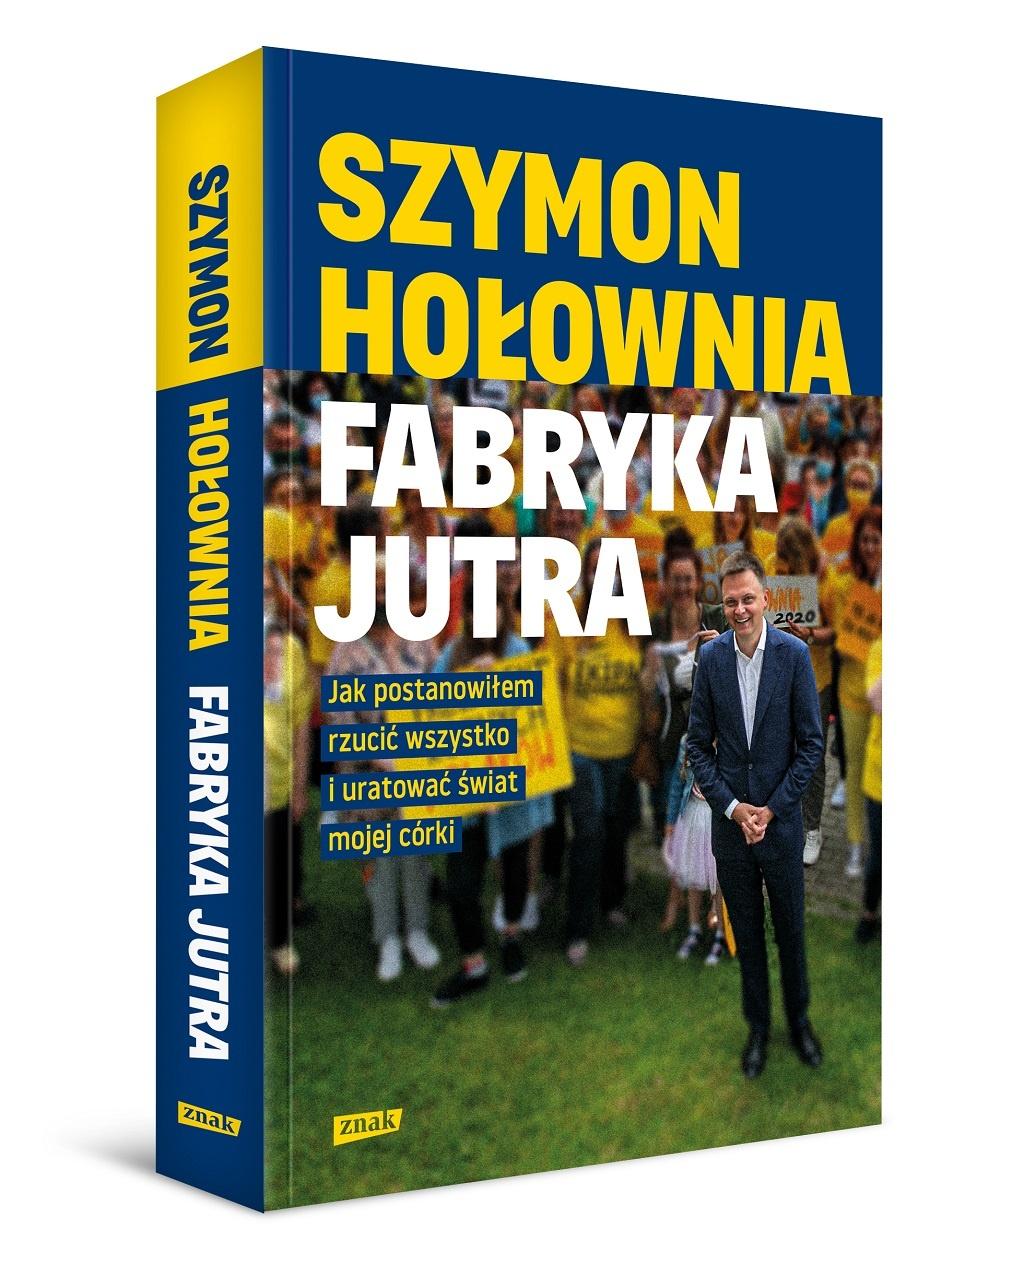 Szymon Hołownia – Fabryka jutra